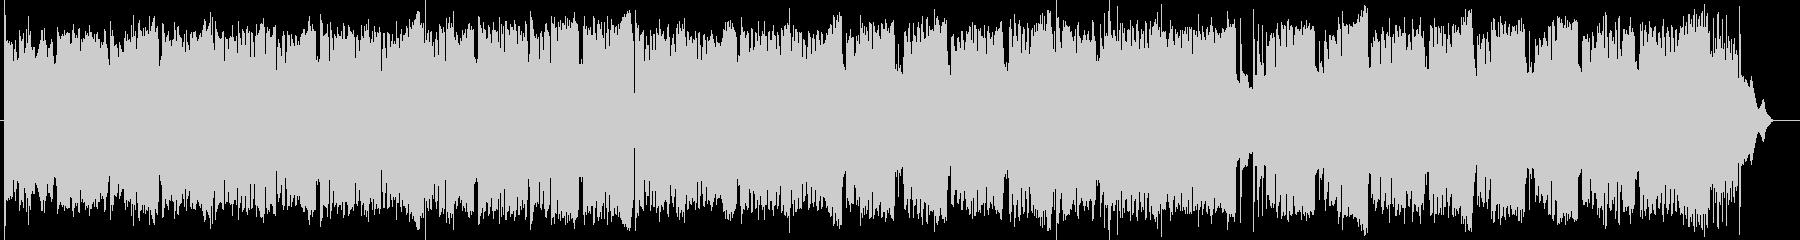 ワルツのリズムの綺麗なゴスペル風曲の未再生の波形